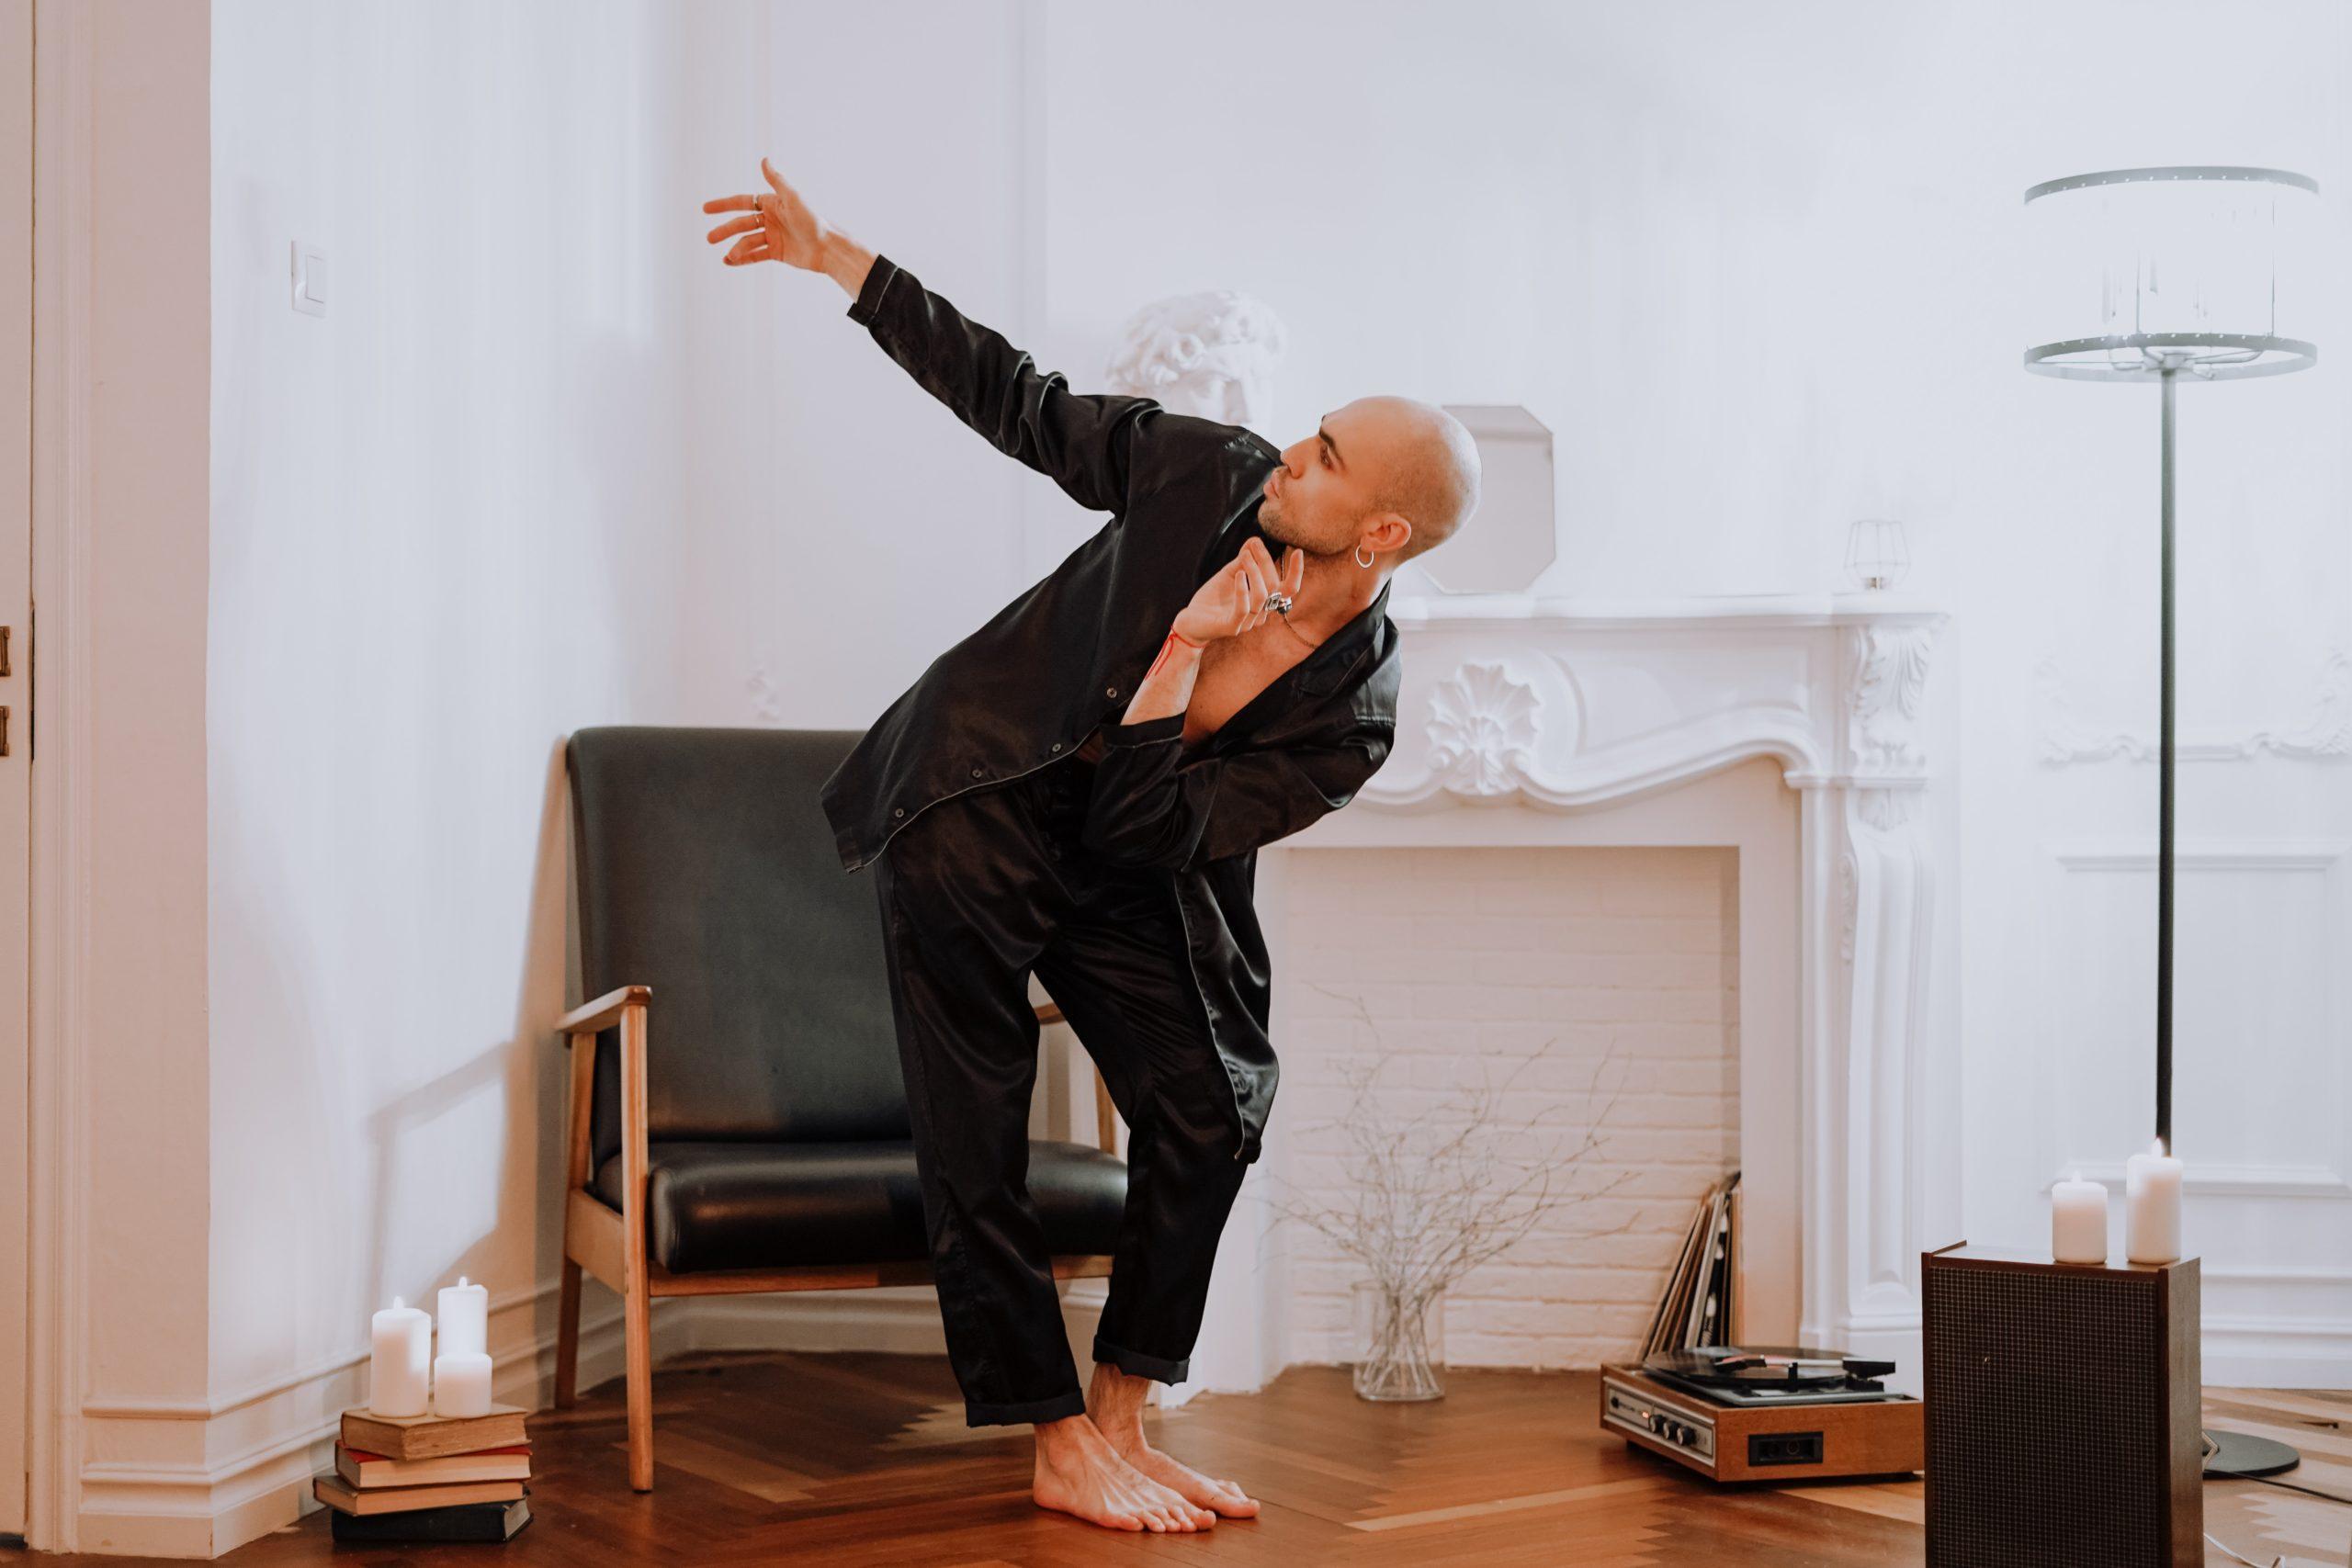 Emocionarte Paola Ortiz Elevart Danza movimiento terapia